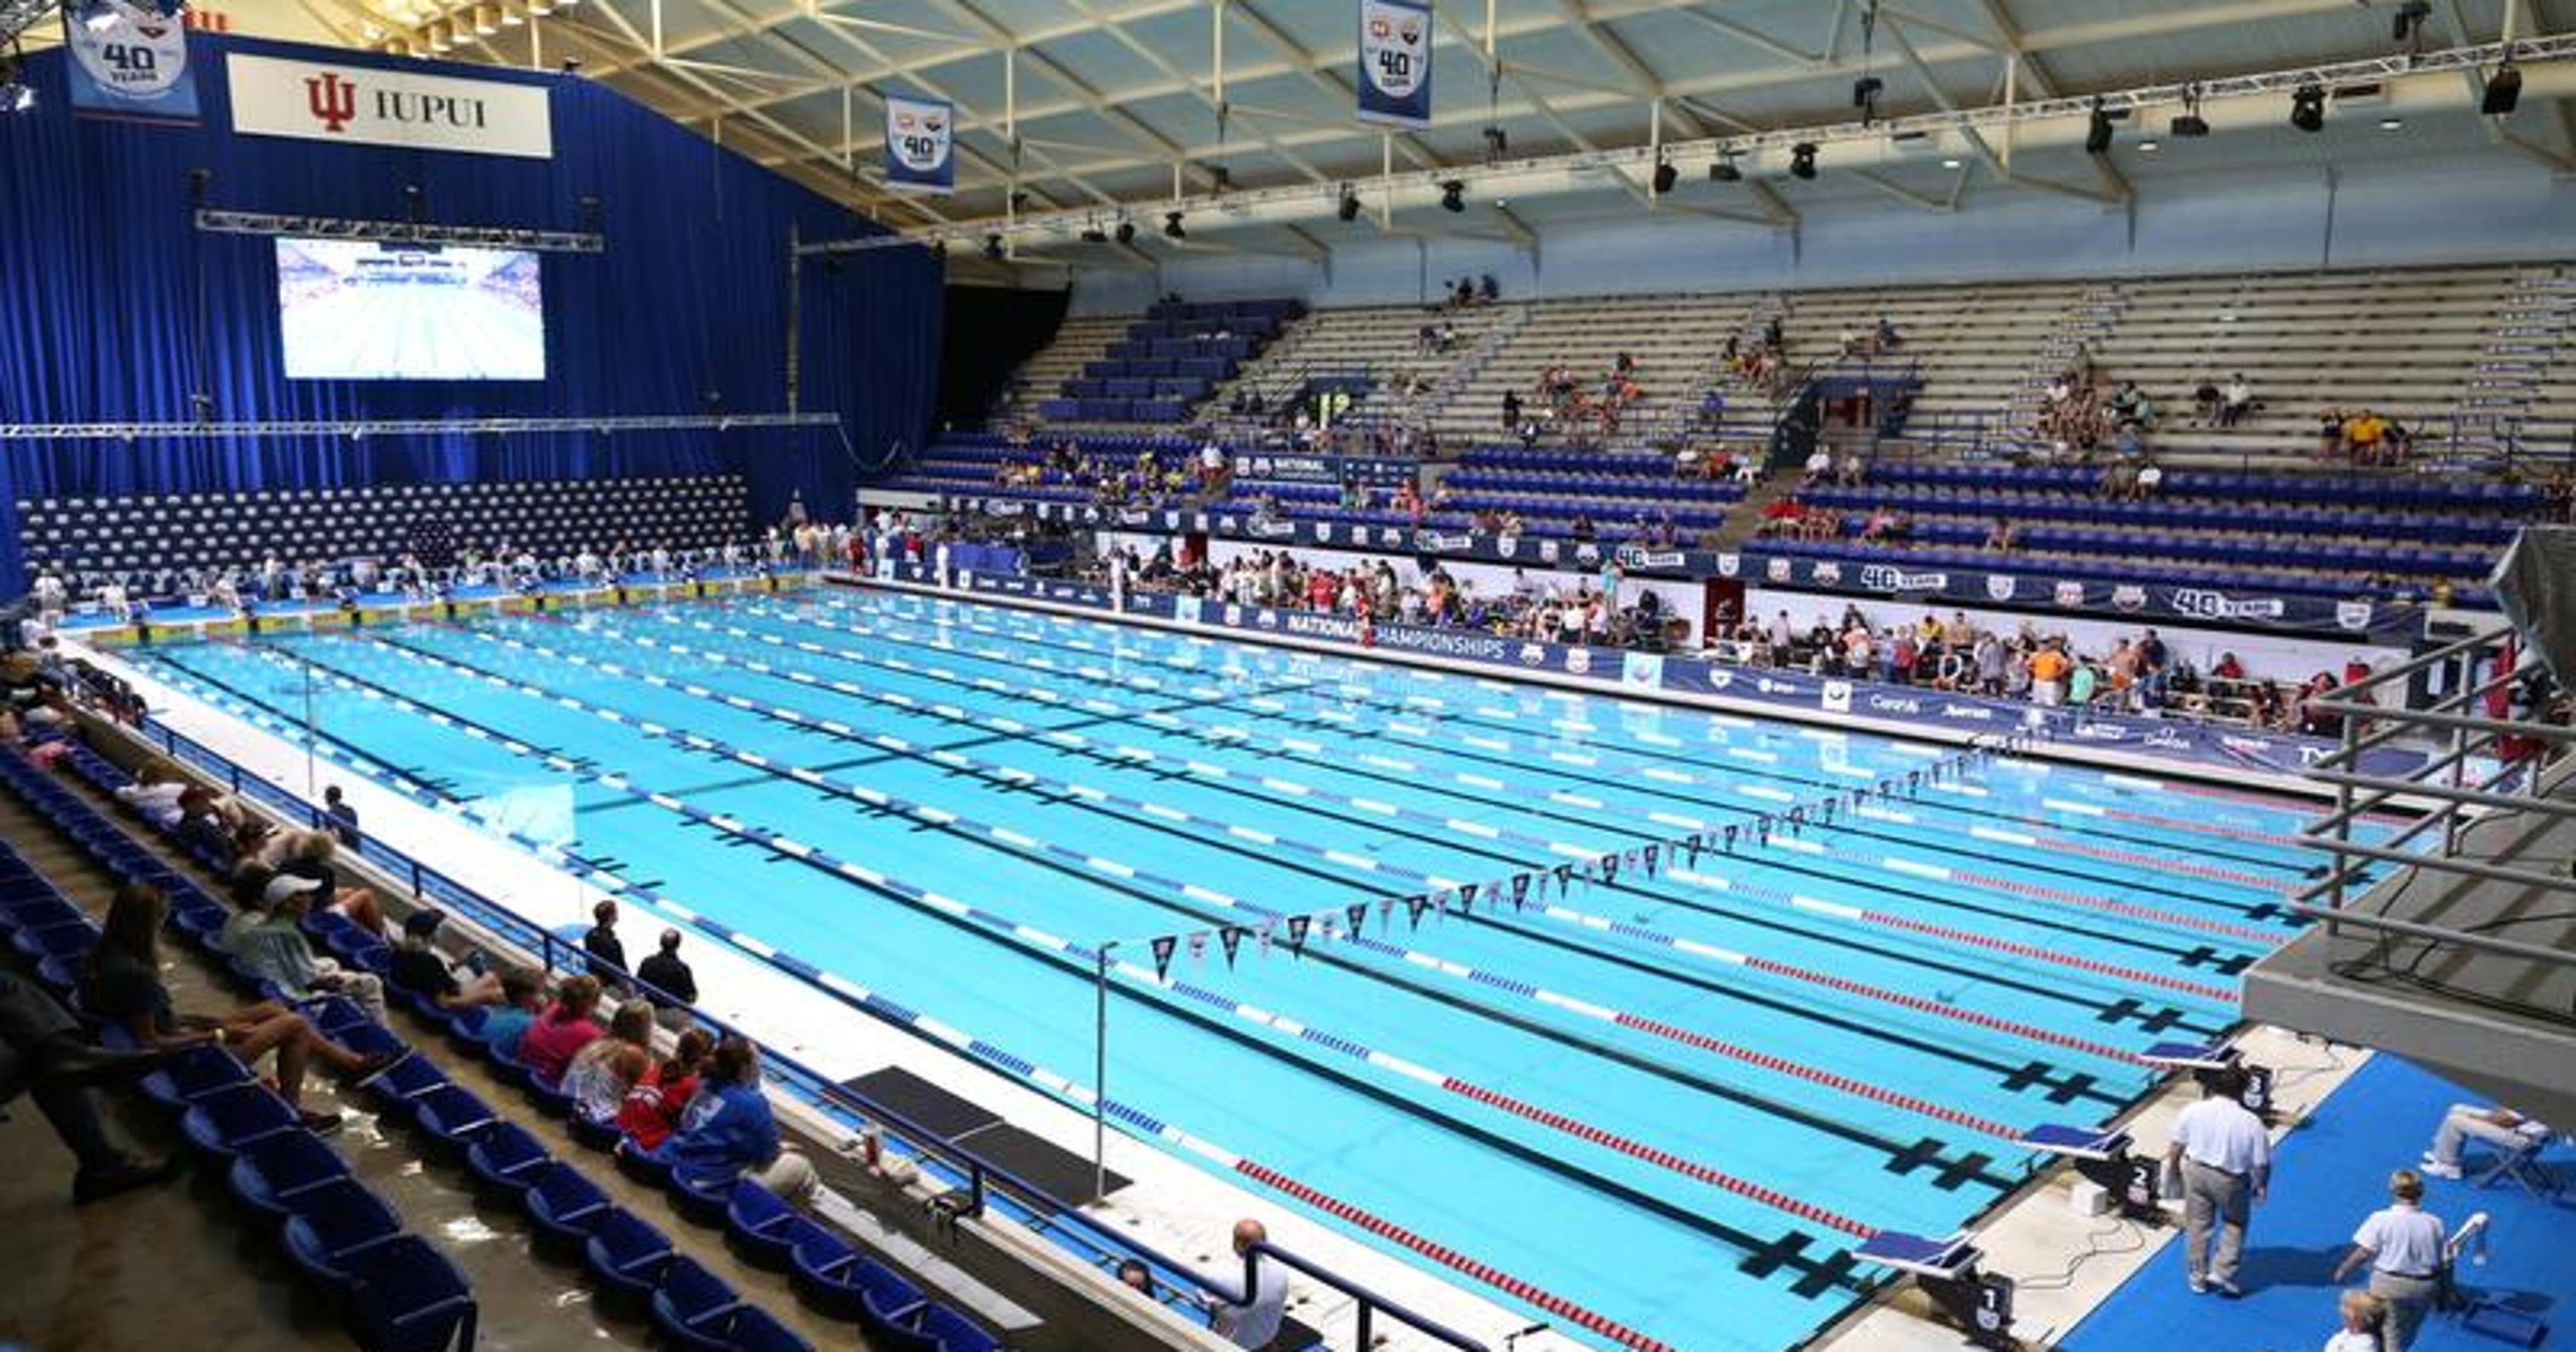 Indiana University looks to hand off natatorium